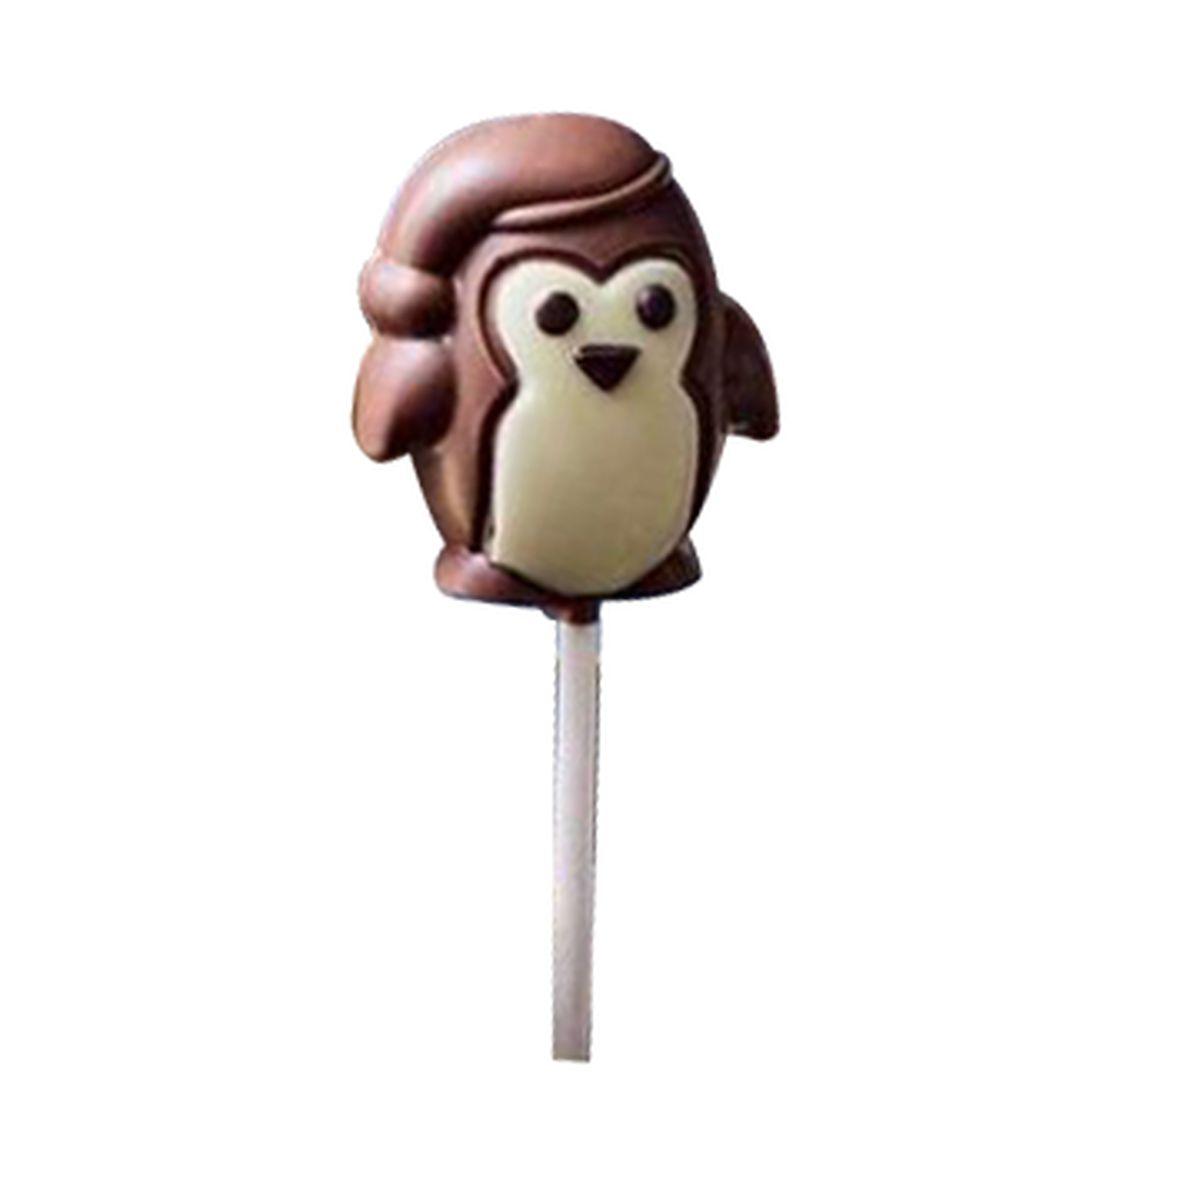 Sucette pingouin chocolat noir 18g - Monbana